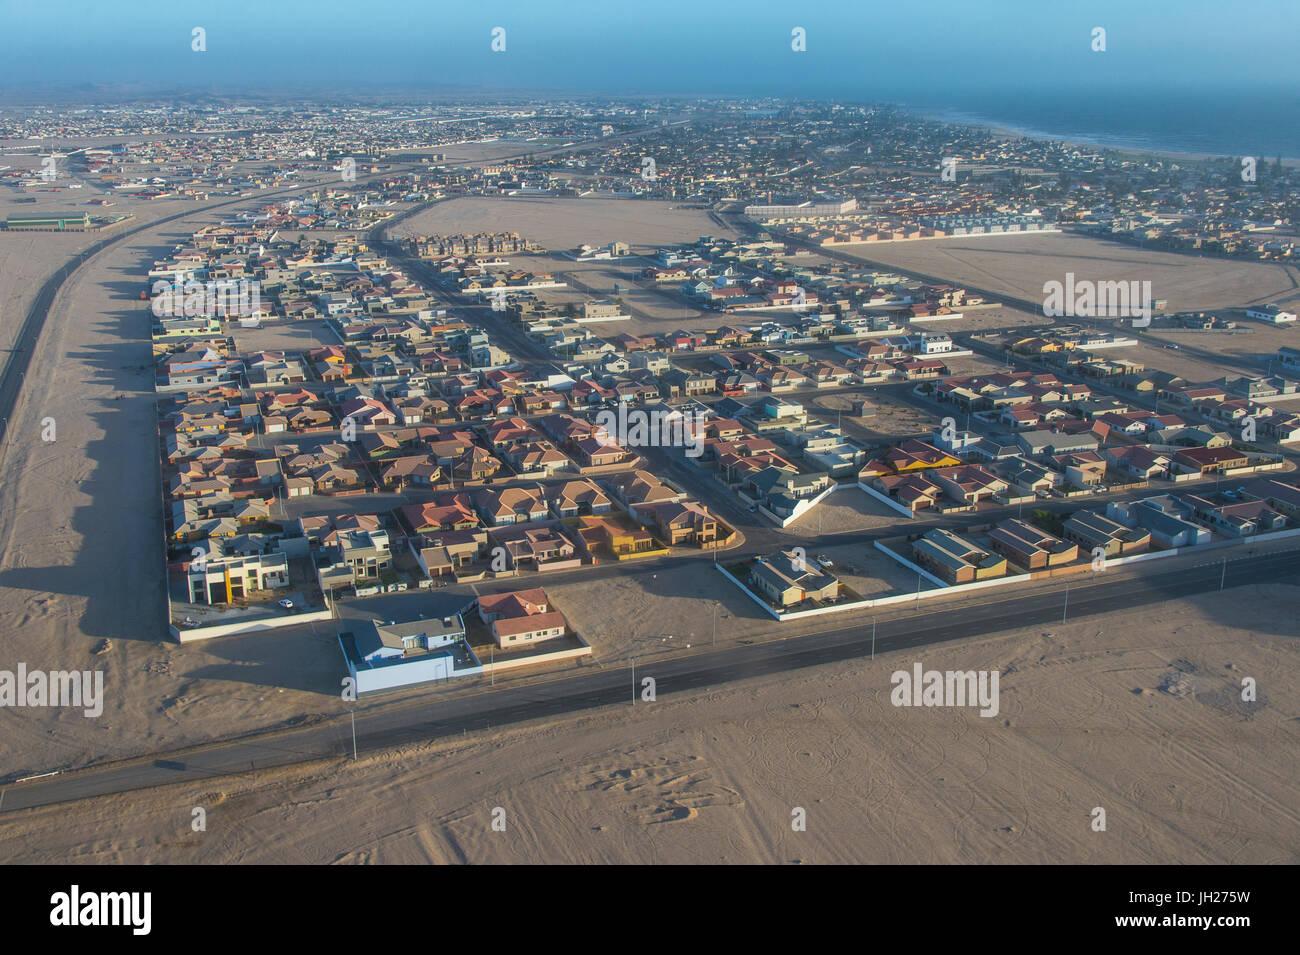 Vue aérienne de Swakopmund, Namibie, Afrique Banque D'Images